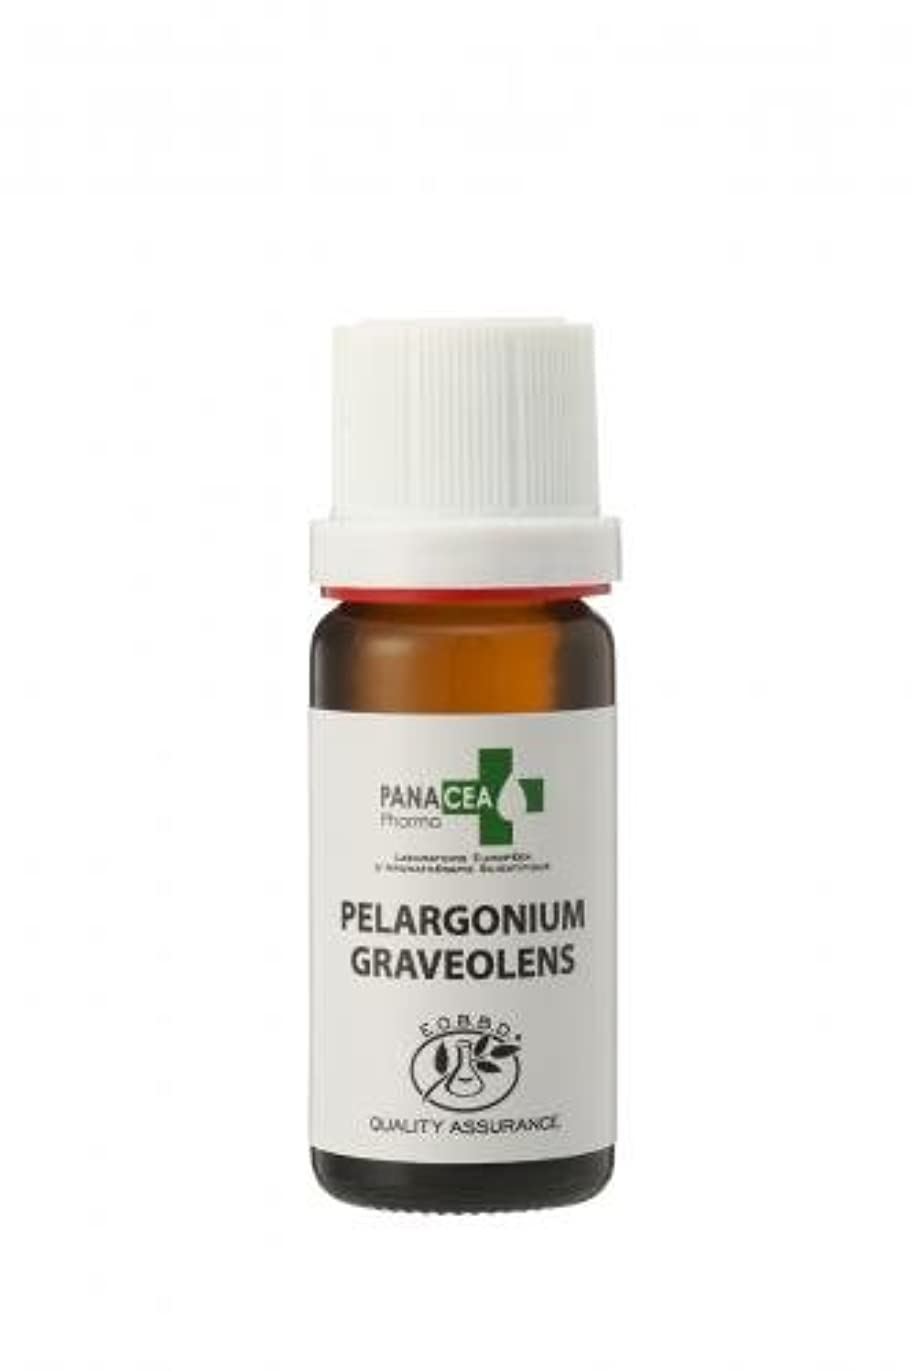 夕方引き出す伝記ゼラニウム エジプト (Pelargonium graveolens) エッセンシャルオイル PANACEA PHARMA パナセア ファルマ